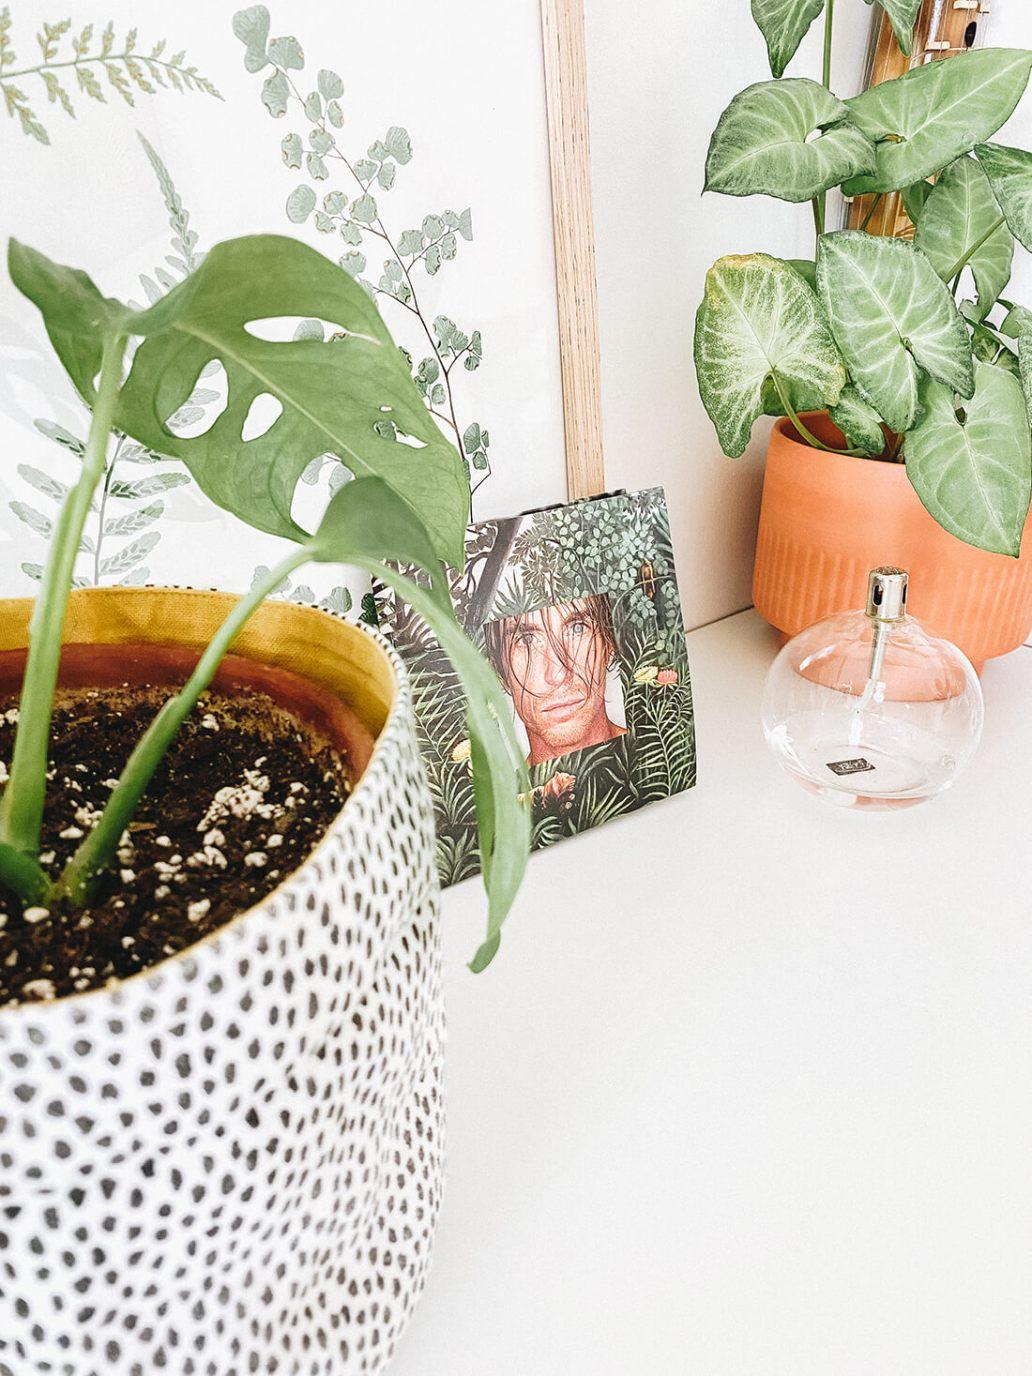 marmille home 2021 13 - Visite privée : découvrez l'appartement Hygge de Marmille